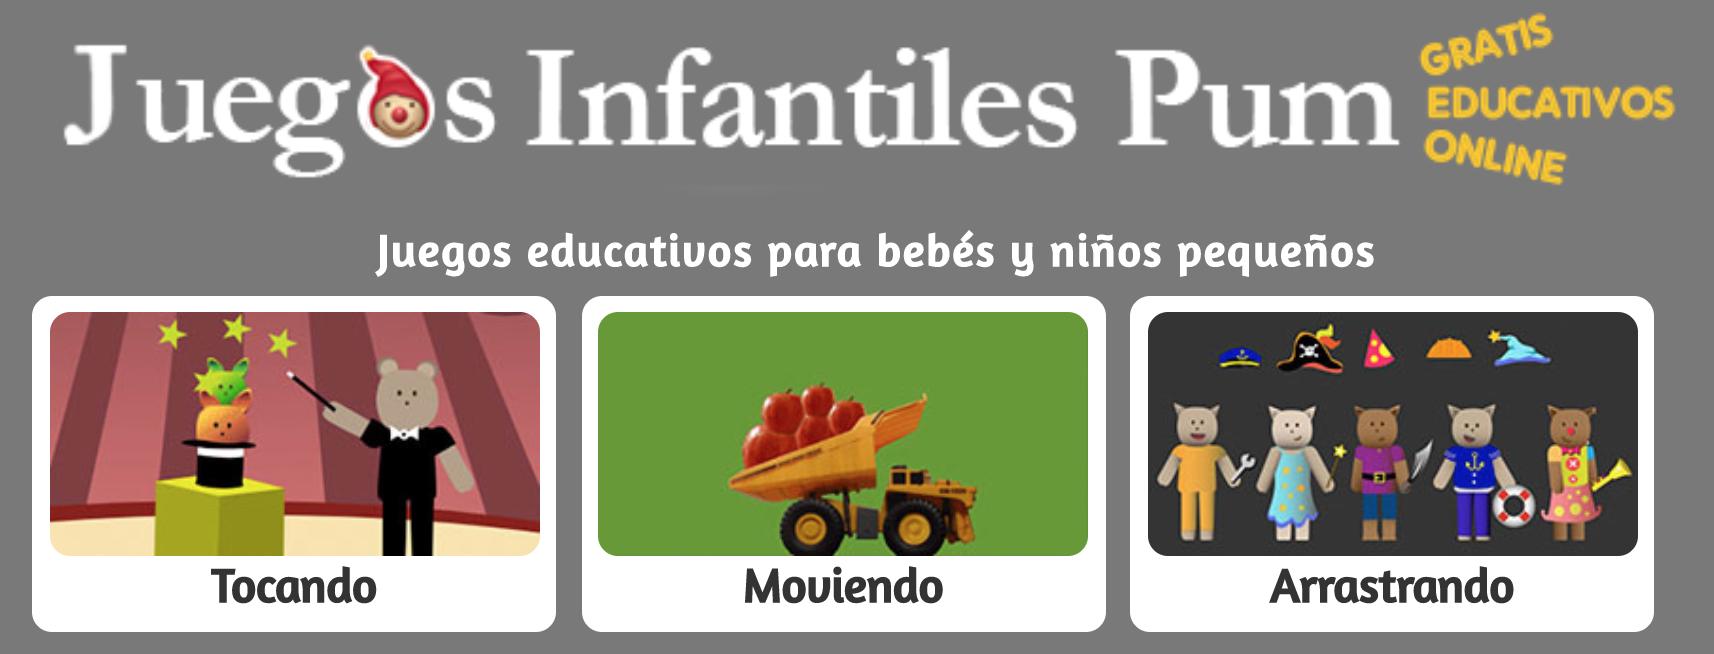 juegos-educativos-para-ninos-gratis